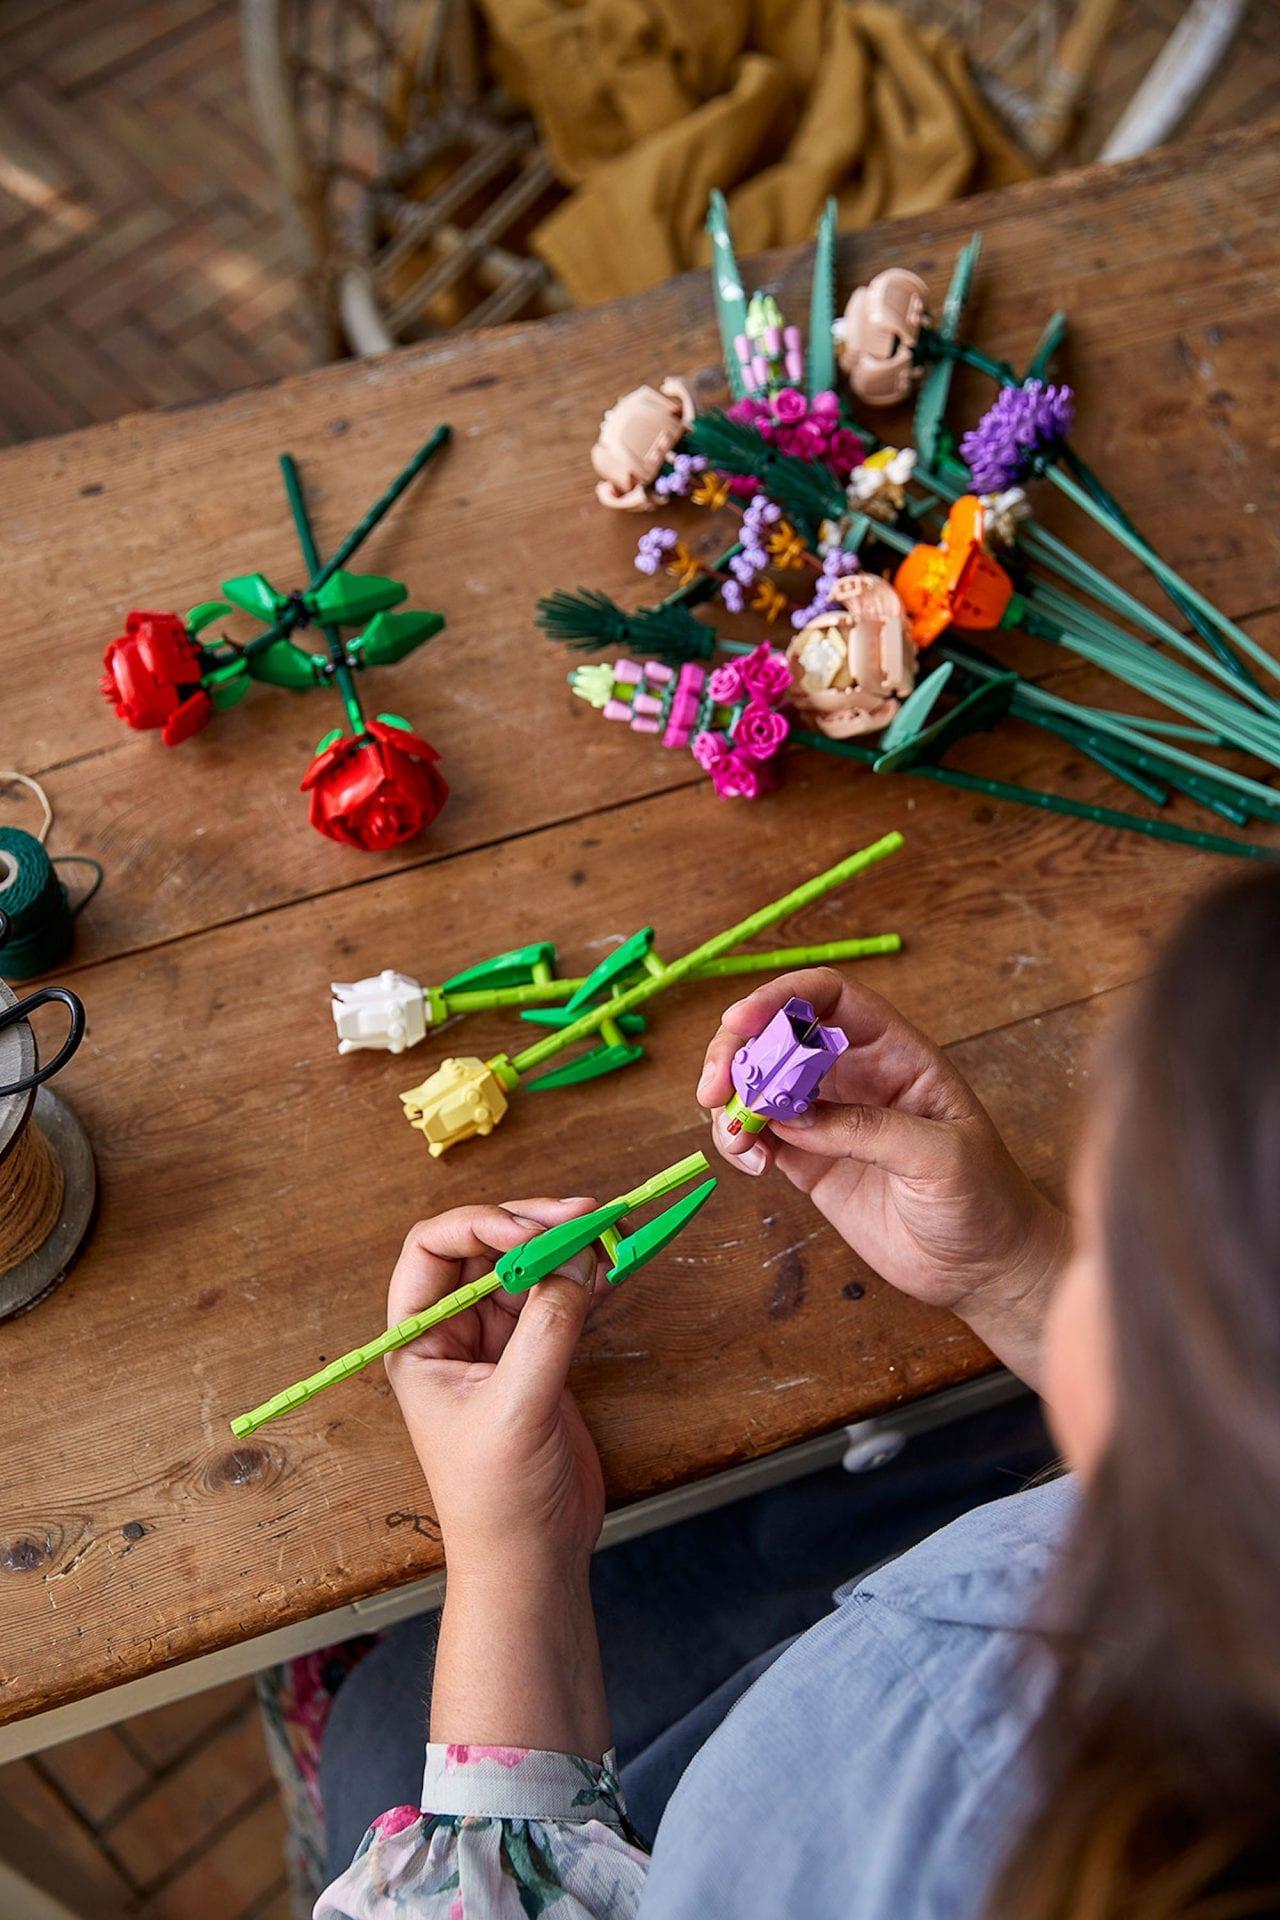 LEGO lance des fleurs à construire soi-même pour décorer votre intérieur